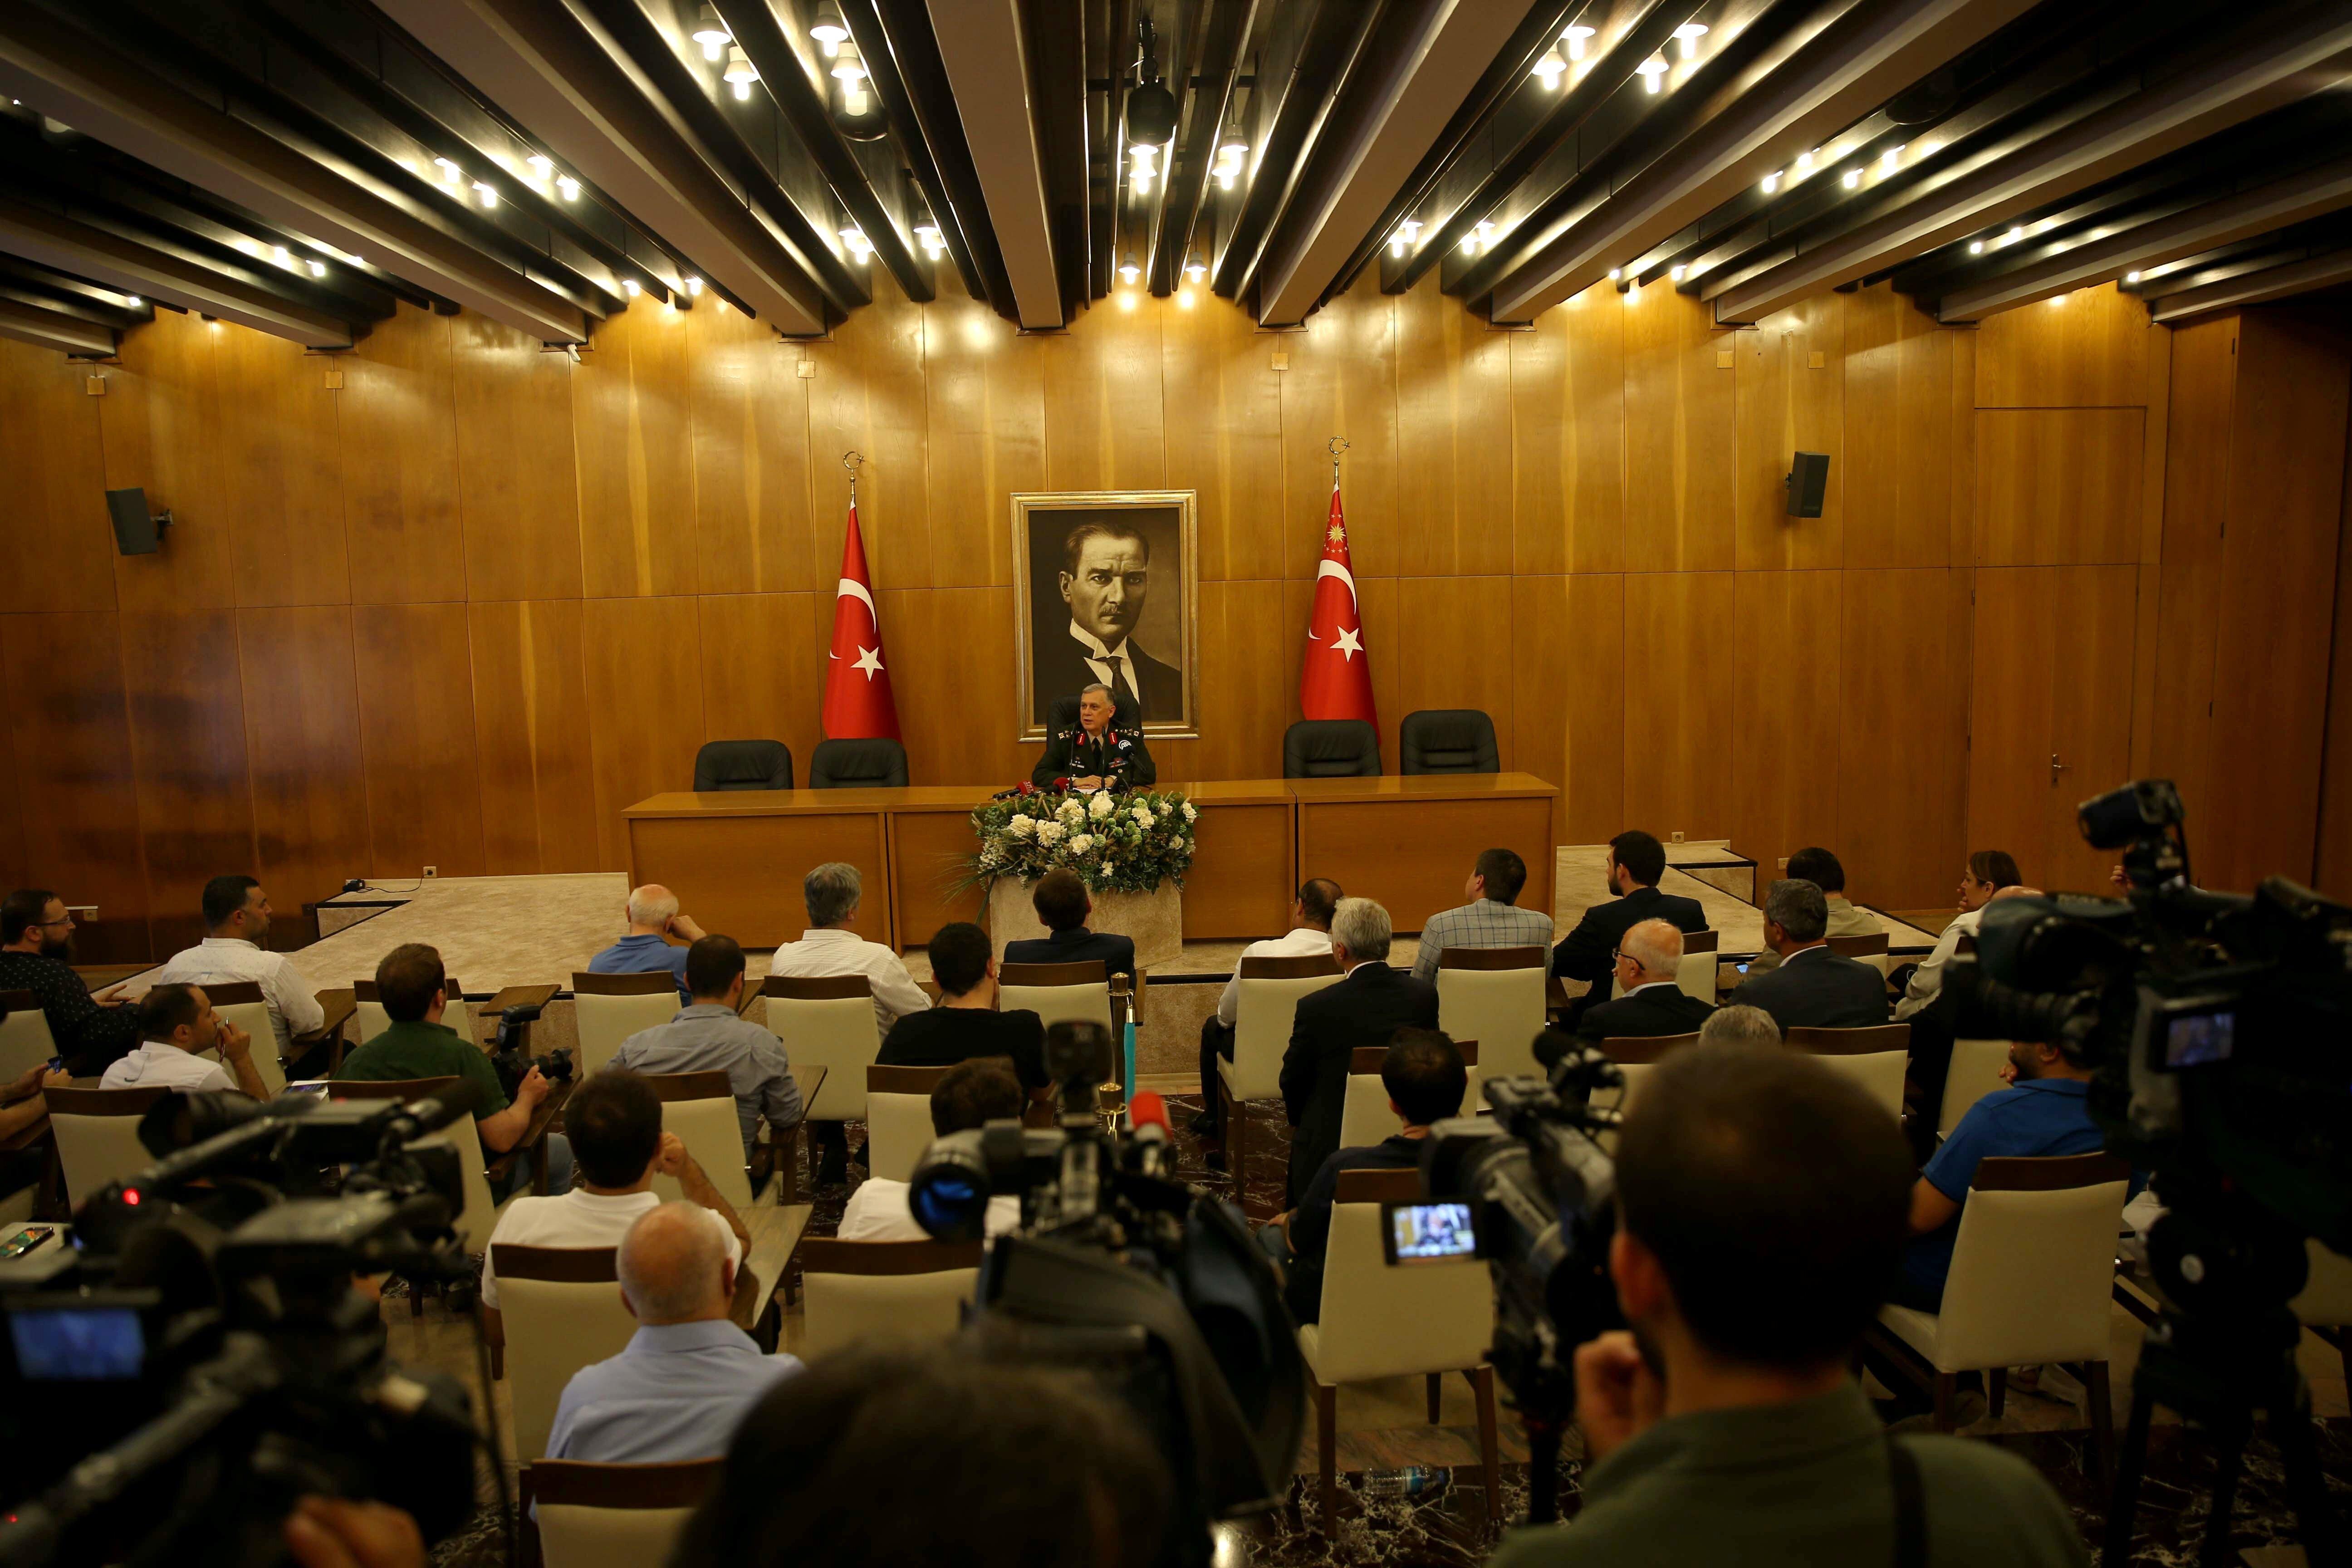 Genelkurmay Başkan Vekili Orgeneral Ümit Dündar, Atatürk Havalimanı Devlet Konuk Evi'nde basın toplantısı düzenledi. İstanbul ve Ankara başta olmak üzere Türkiye'nin muhtelif şehirlerinde emir komuta zinciri dışında askeri bir hareketlilik yaşandığını vurgulayan Dündar, Cumhurbaşkanı, Başbakan, Bakanlar, TSK ile tam bir dayanışma içinde demokrasi ve hukuk devleti yanında yer alarak darbe girişiminin önlendiğini belirtti.